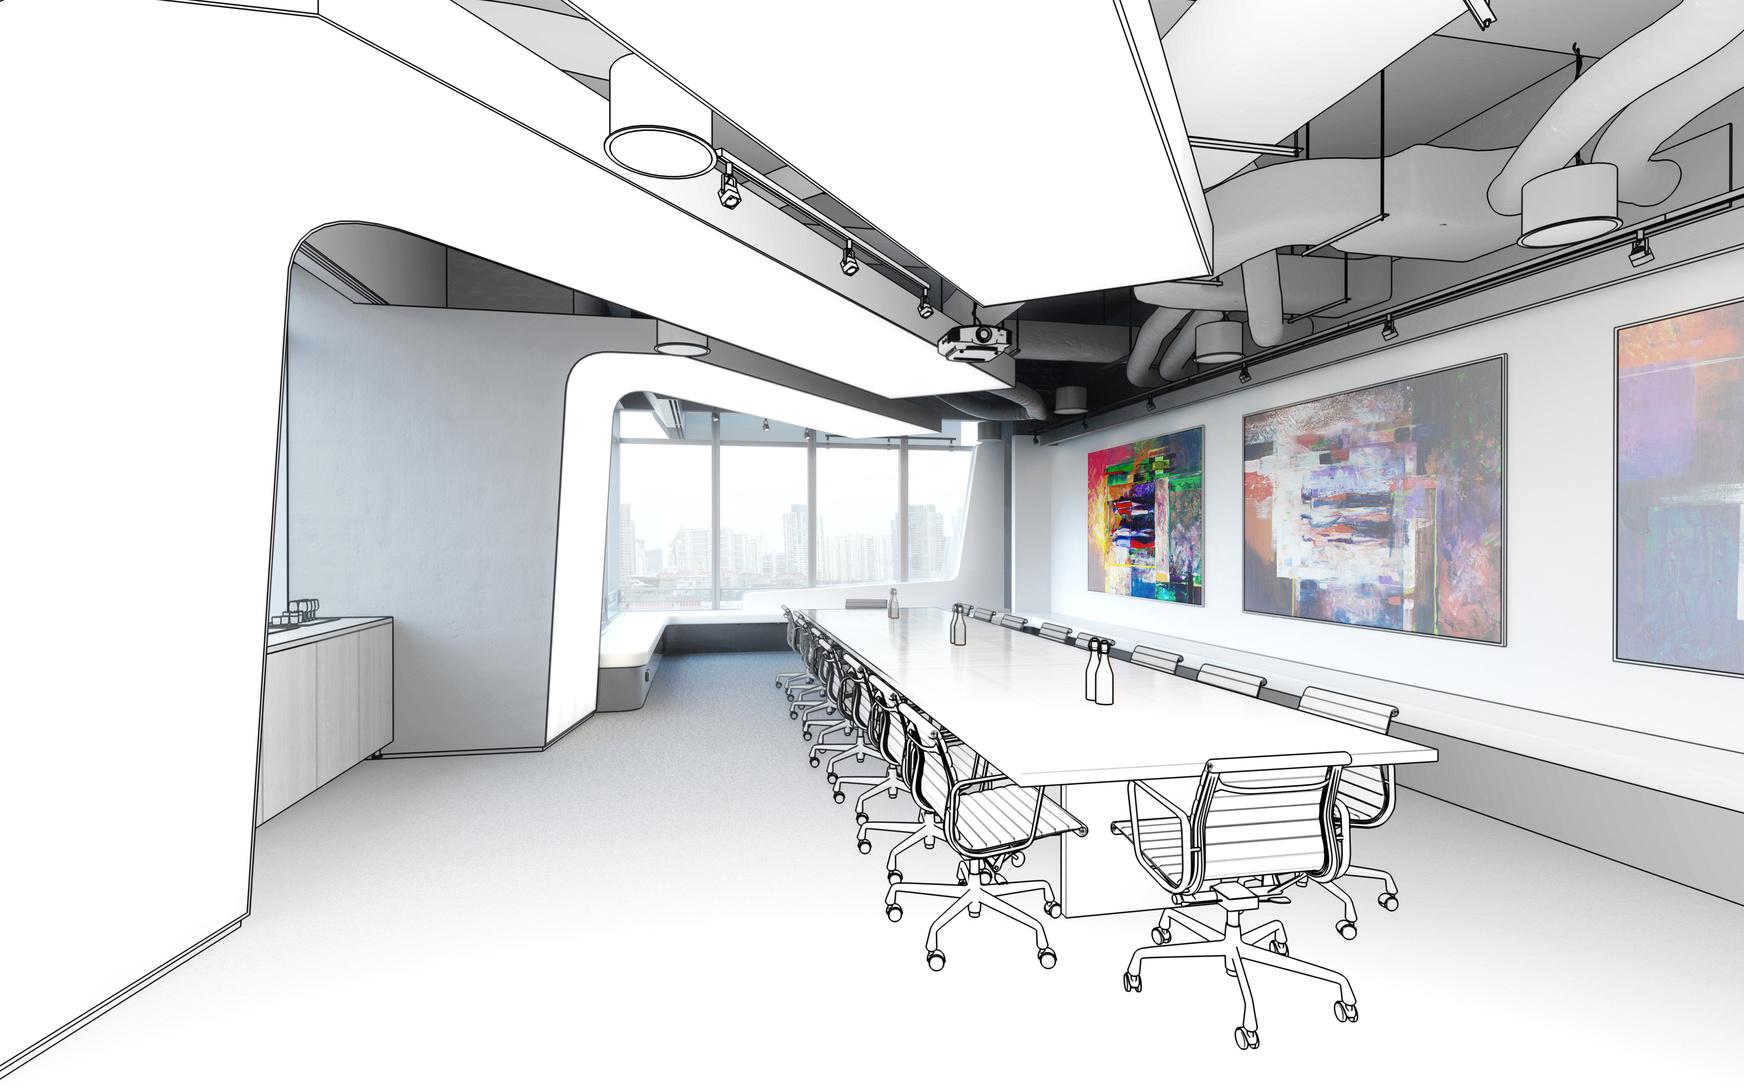 Meeting Room (draft)